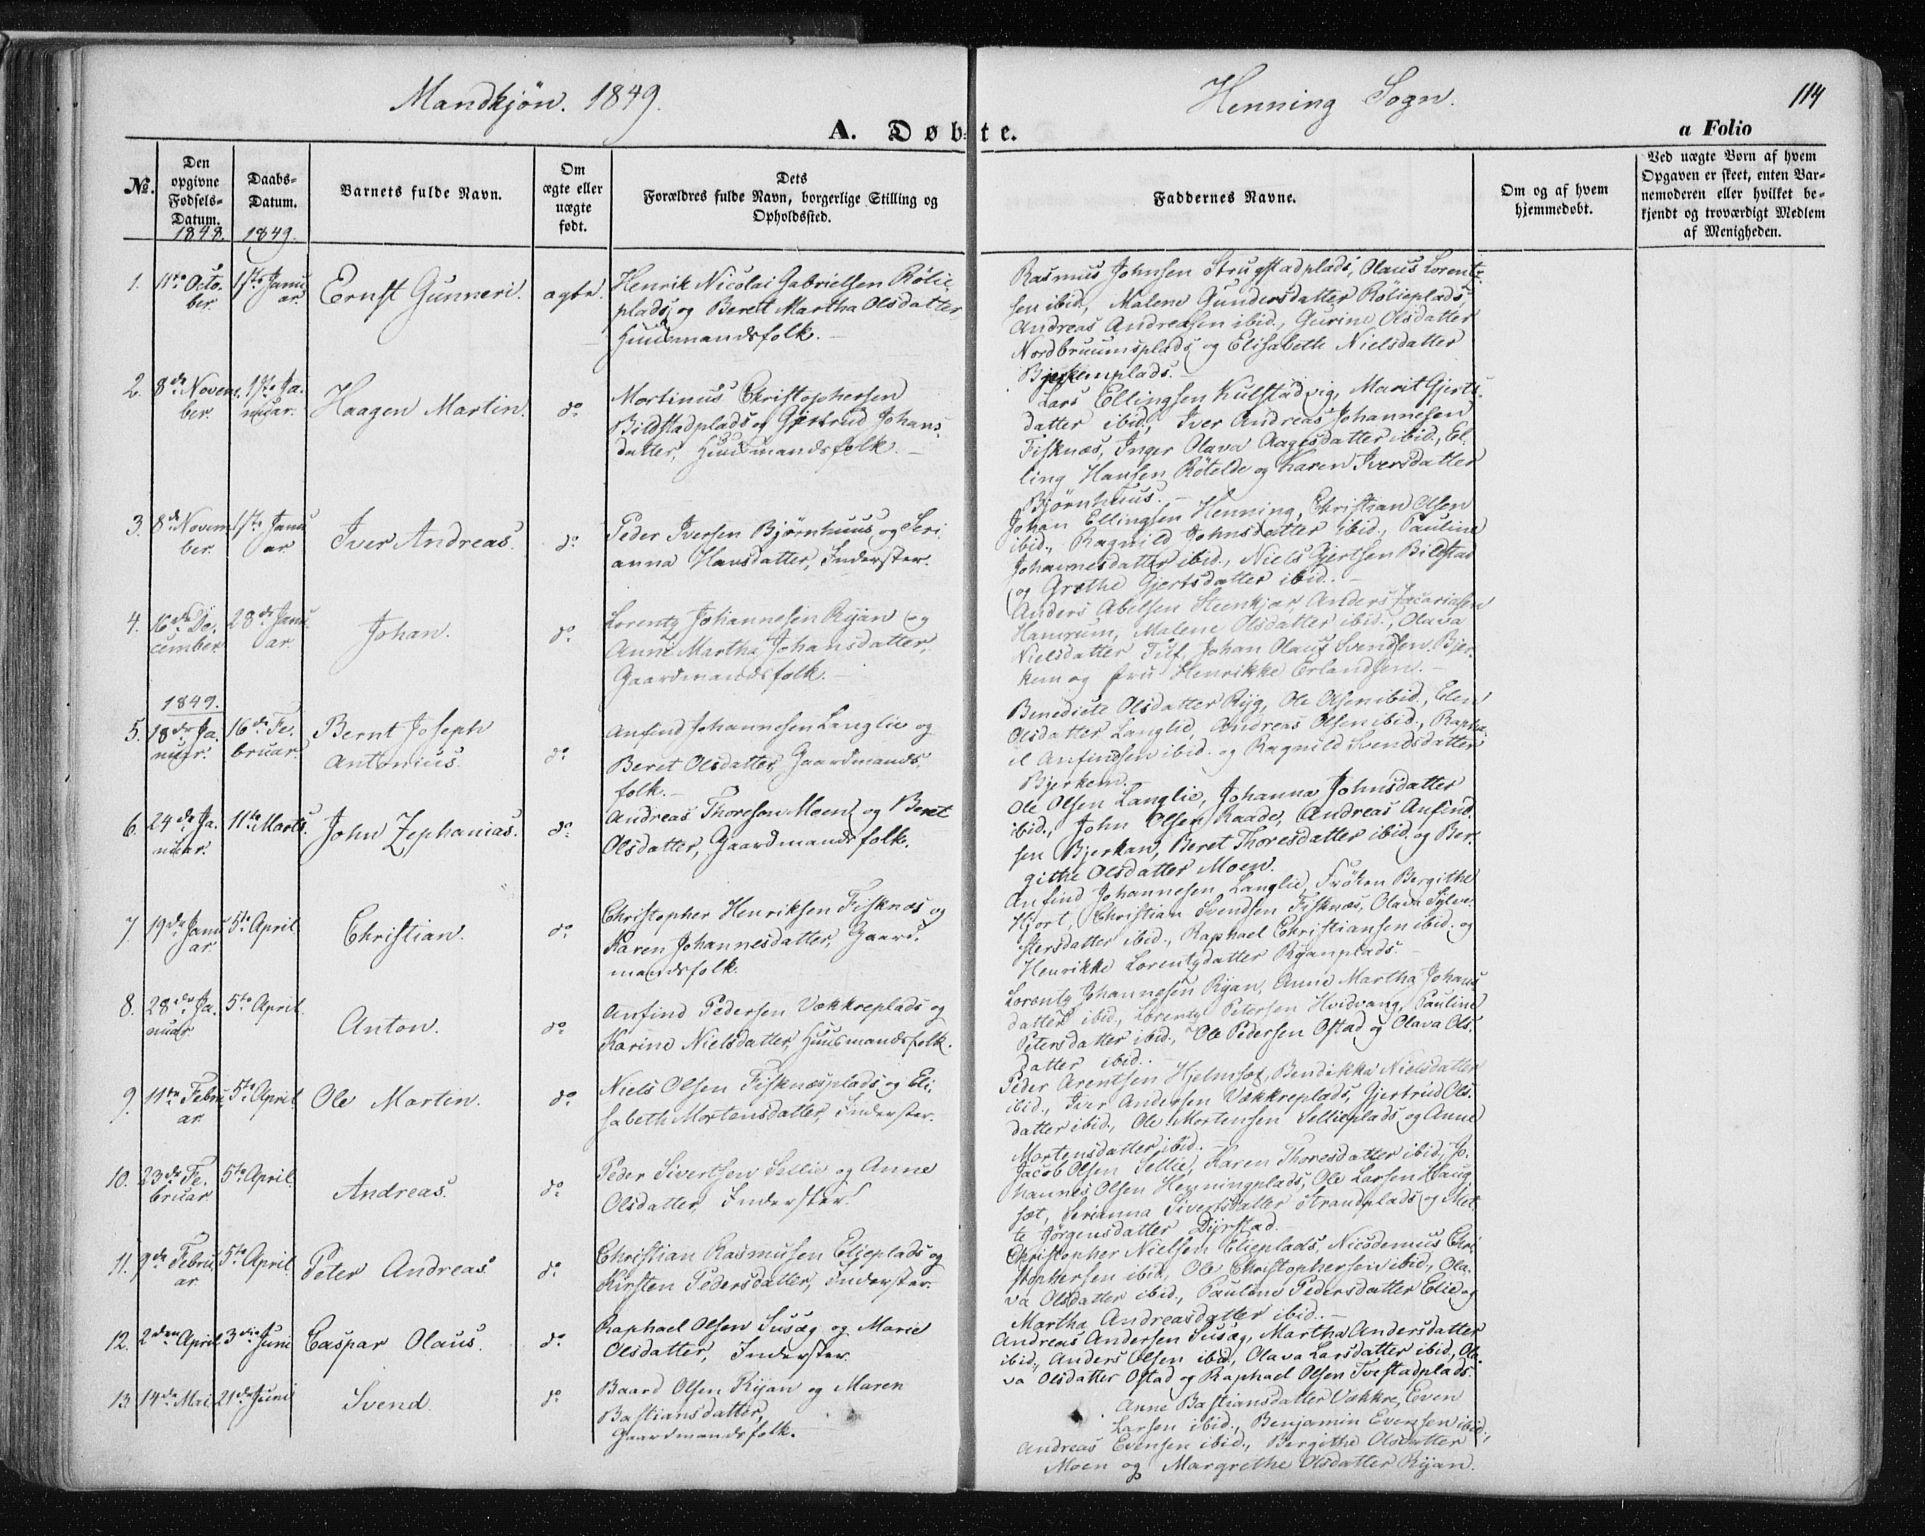 SAT, Ministerialprotokoller, klokkerbøker og fødselsregistre - Nord-Trøndelag, 735/L0342: Ministerialbok nr. 735A07 /3, 1849-1862, s. 114